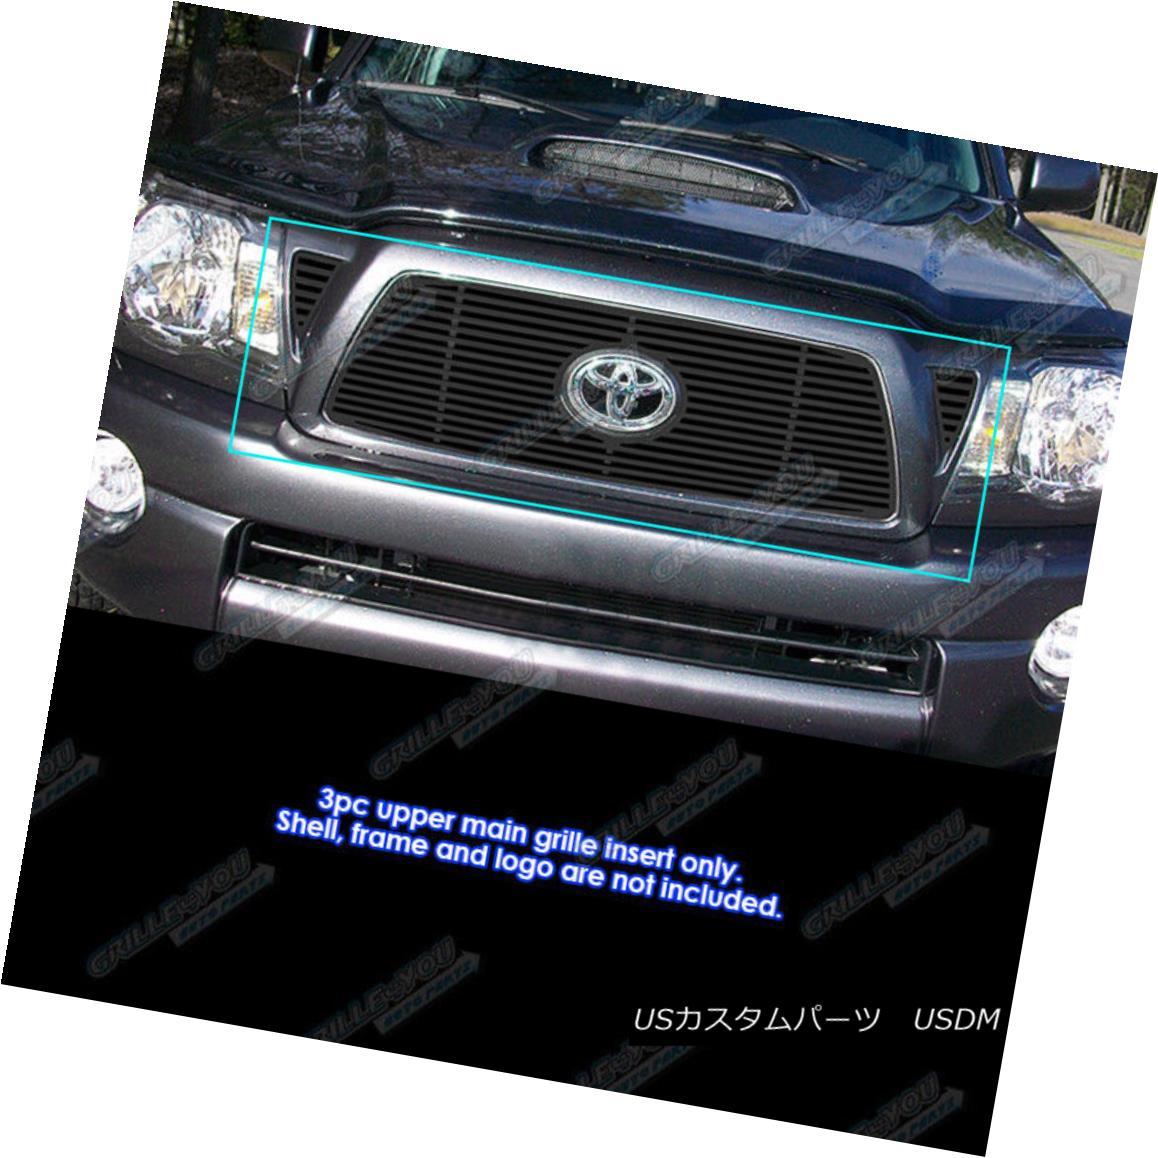 グリル Fits 2005-2010 Toyota Tacoma Black Perimeter Grille Insert フィット2005-2010トヨタタコマブラックペリメーターグリルインサート